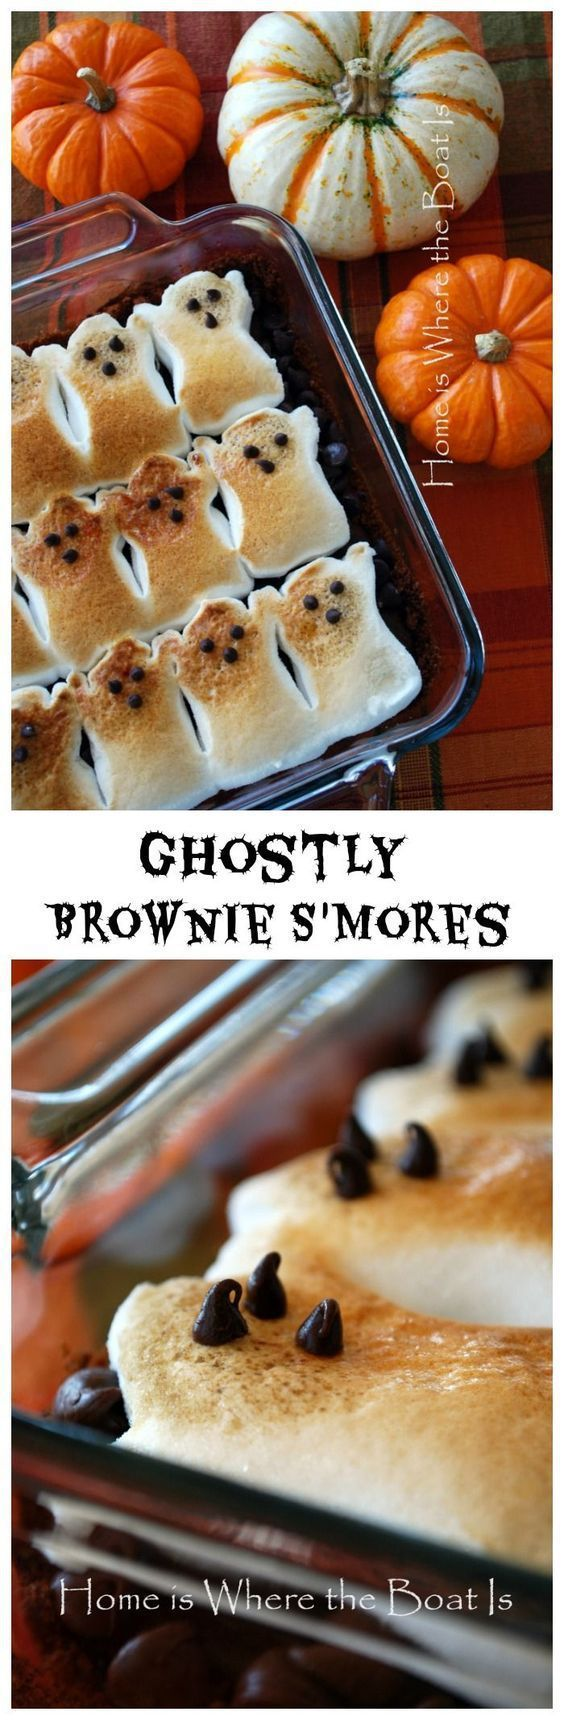 No Bake Peanut Butter Pumpkin Bites | Recipe | Homemade, Pumpkins ...